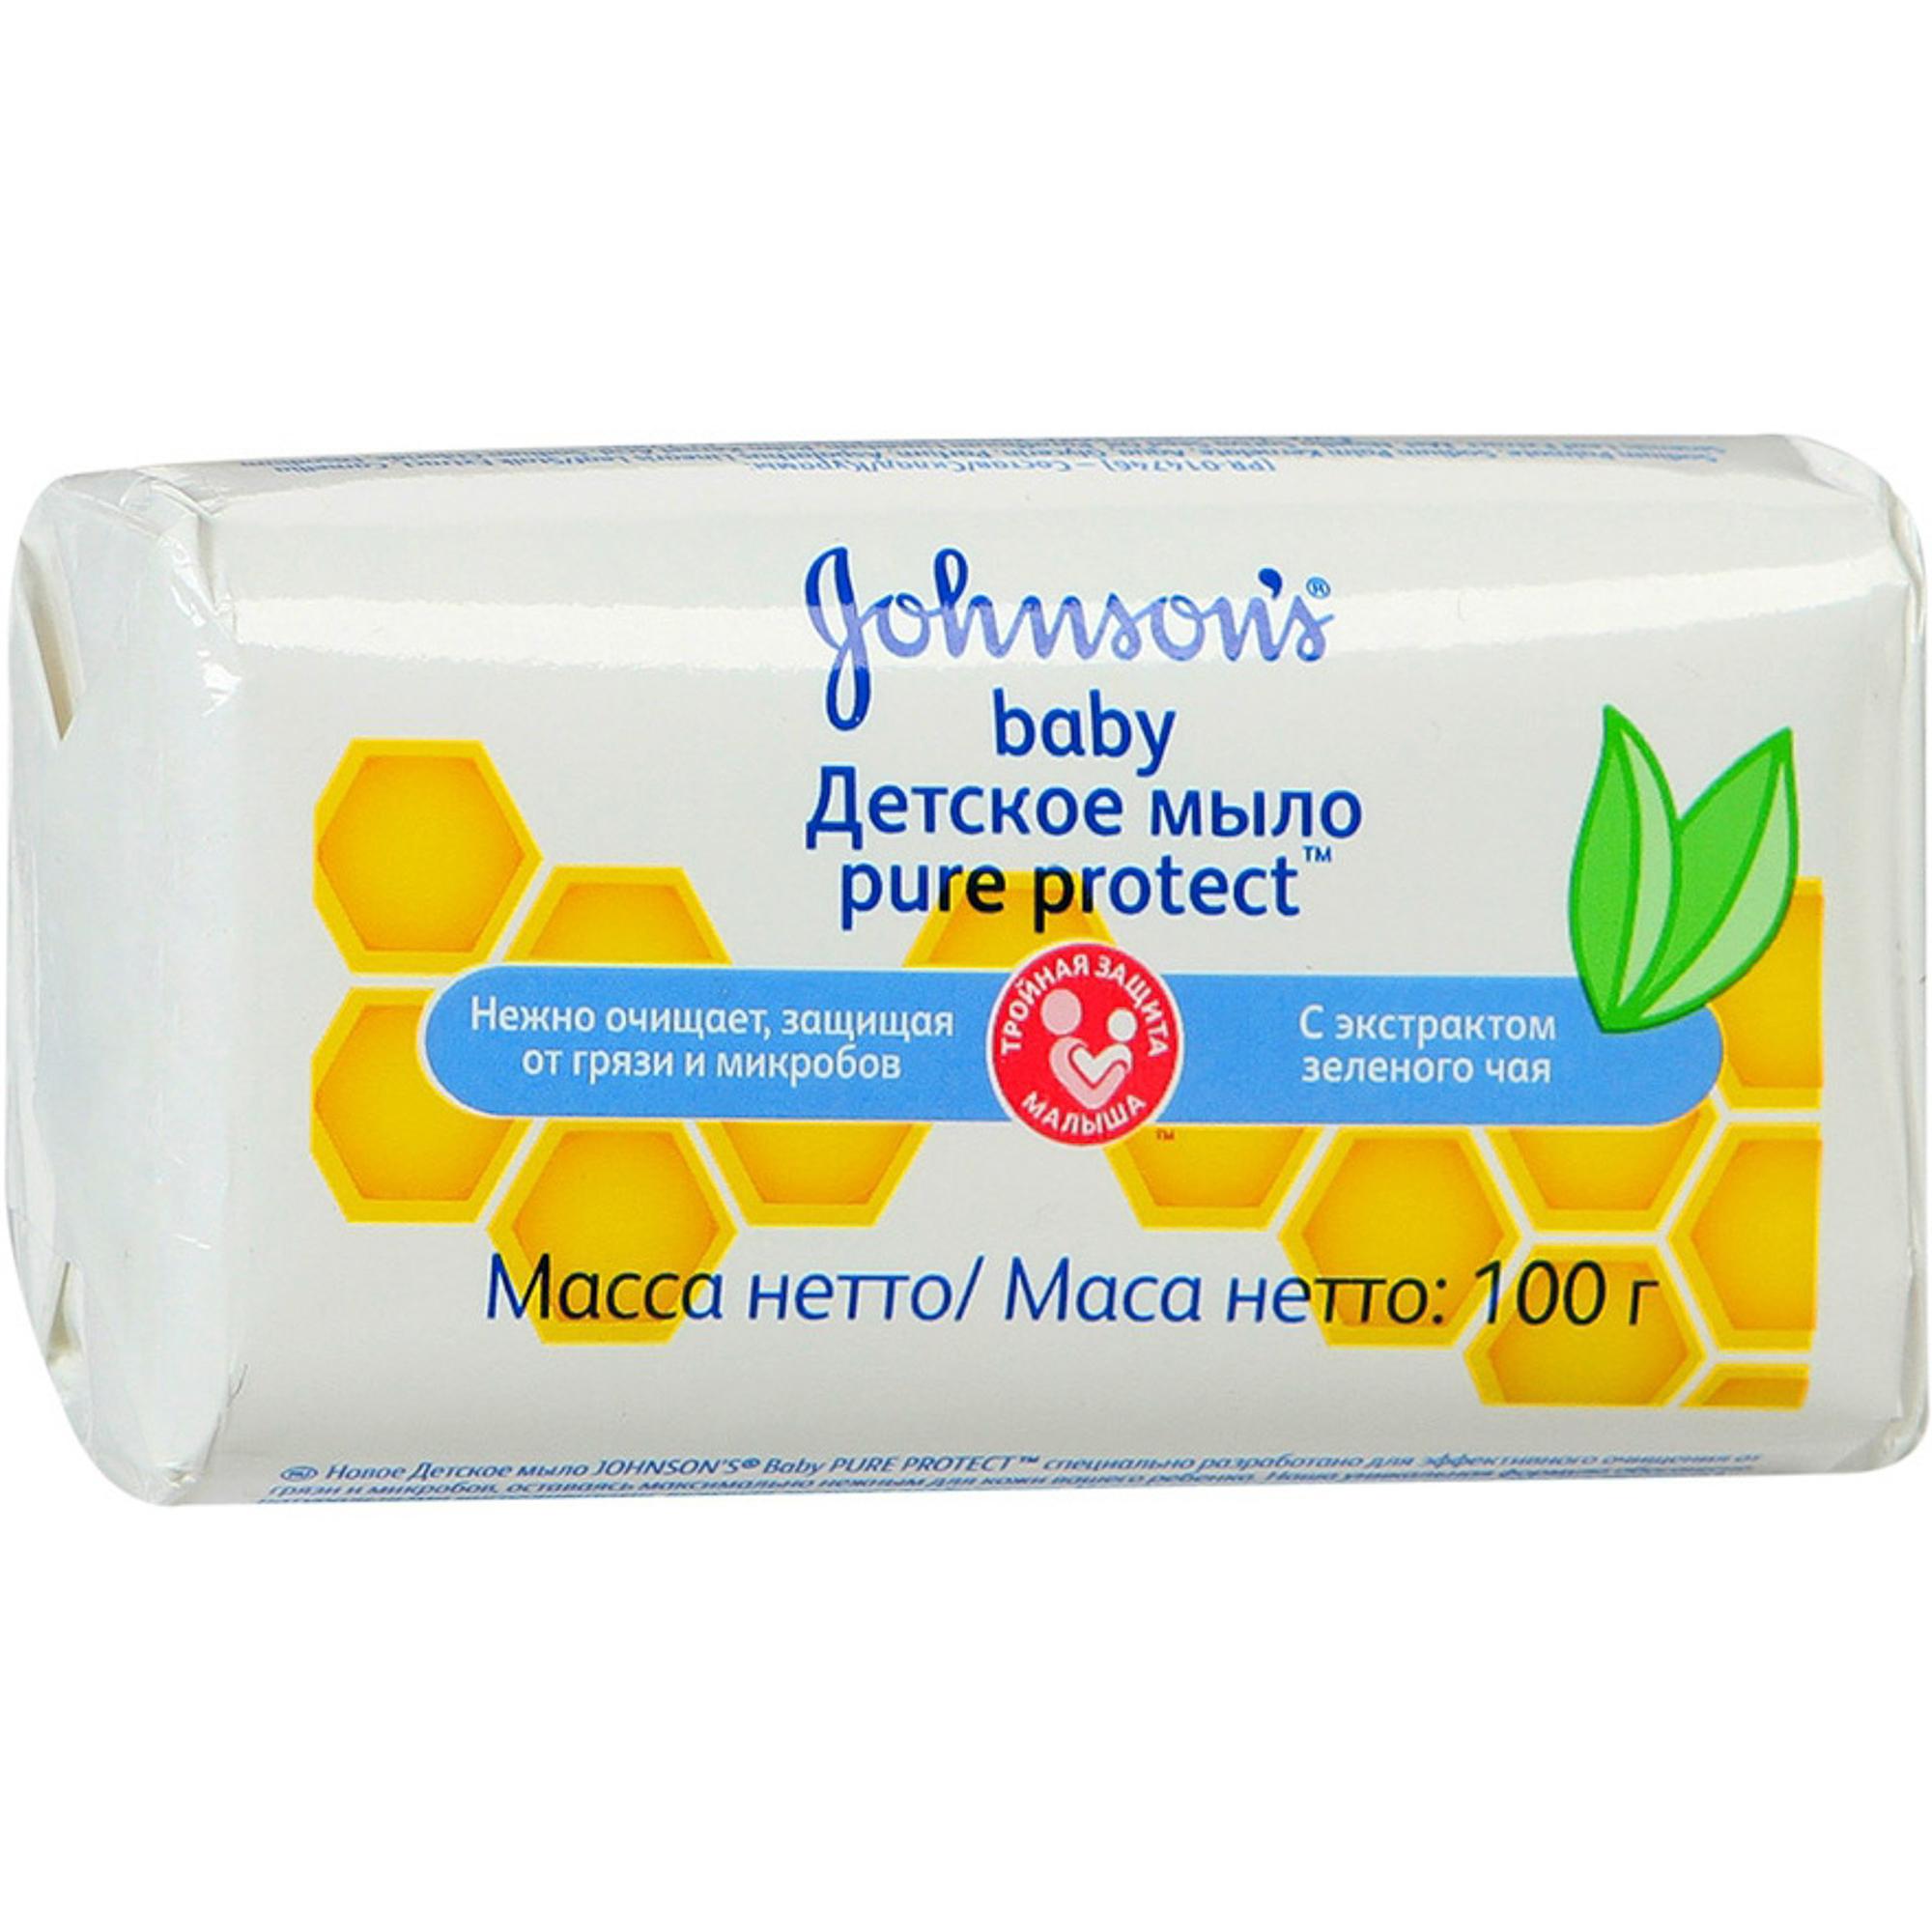 Купить Детское мыло Johnson's Baby Pure Protect 100 г, Johnson's Baby, ОАЭ, универсальный, Средства по уходу за телом и за кожей лица для детей